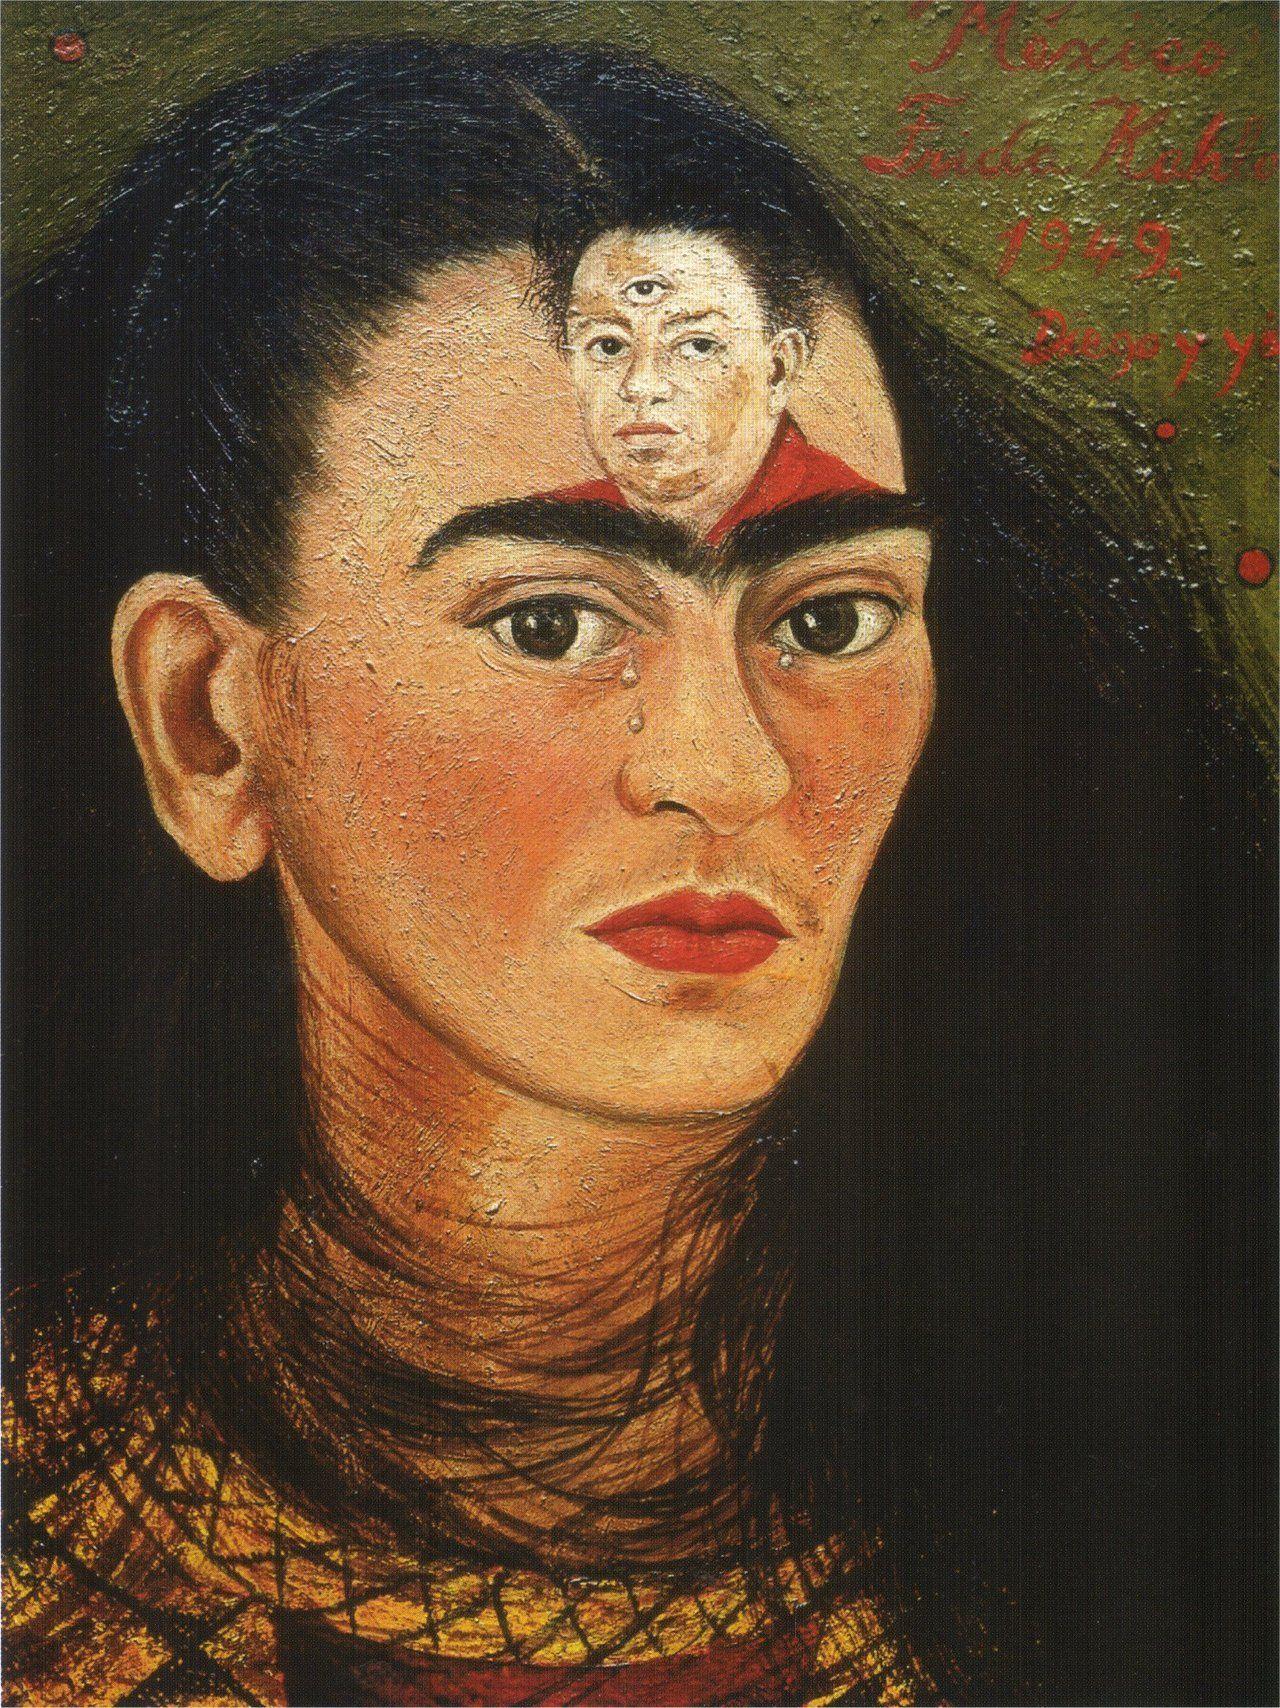 Diego And I Frida Kahlo